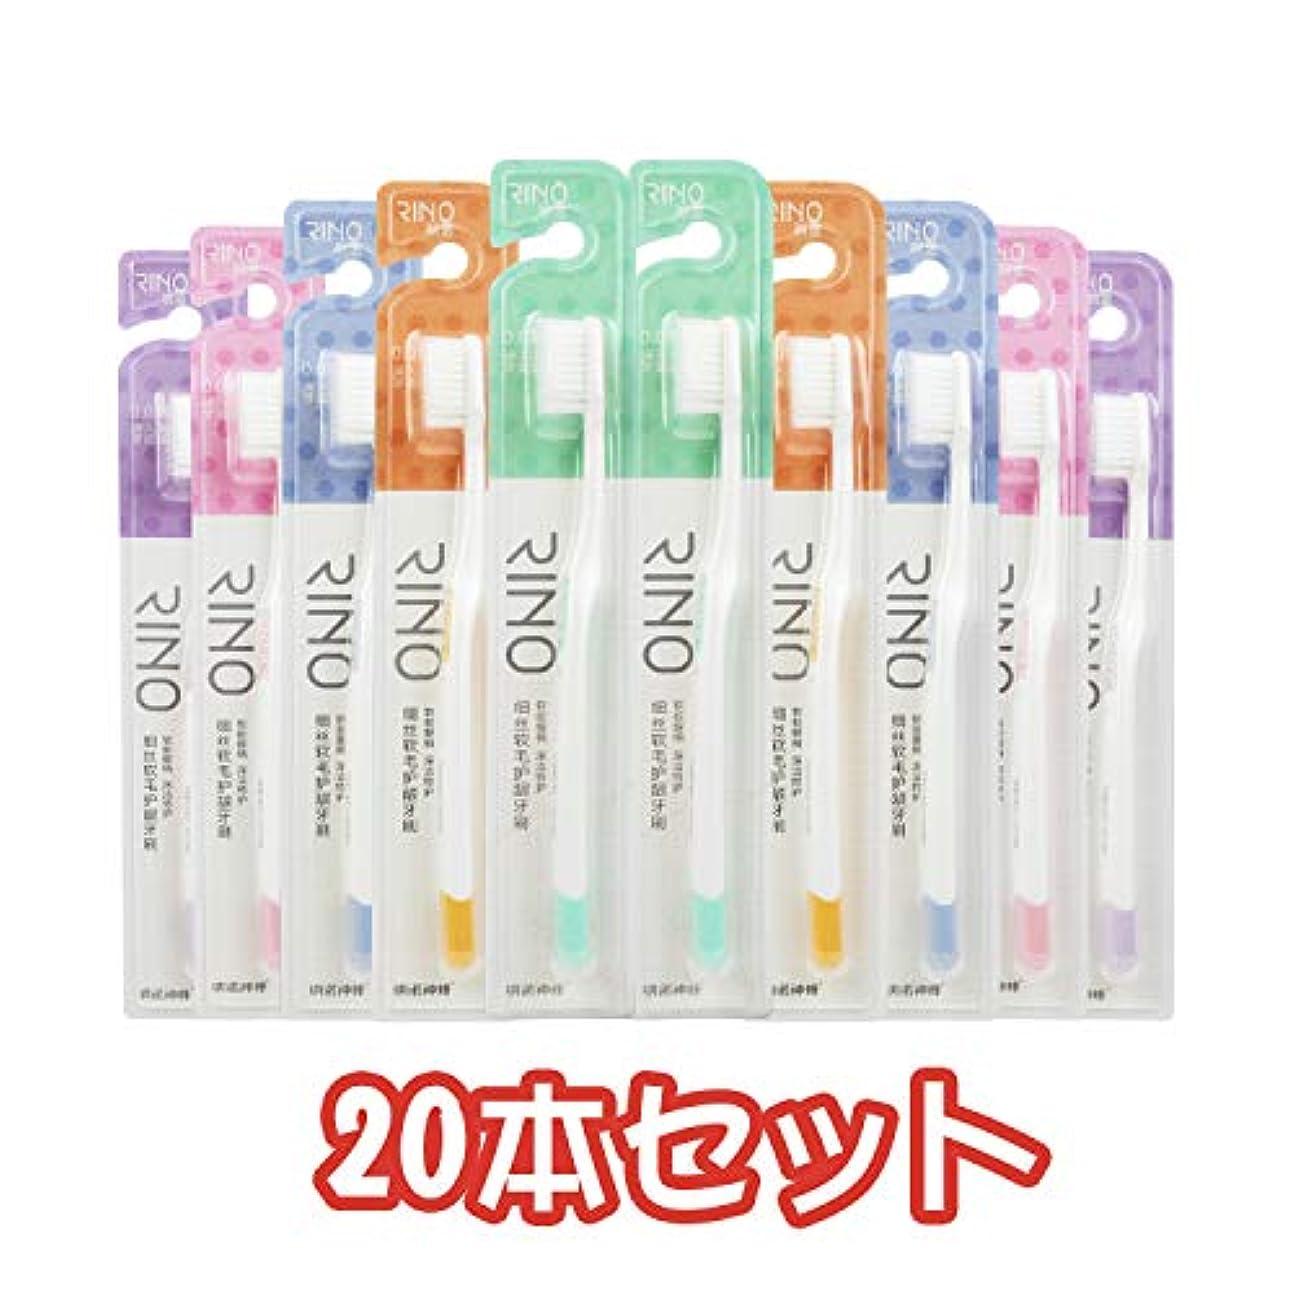 Nano 20本セット やわらかい 歯ブラシ 大人用 耐久性 旅行用 子供 卸売価格 安い歯ブラシ